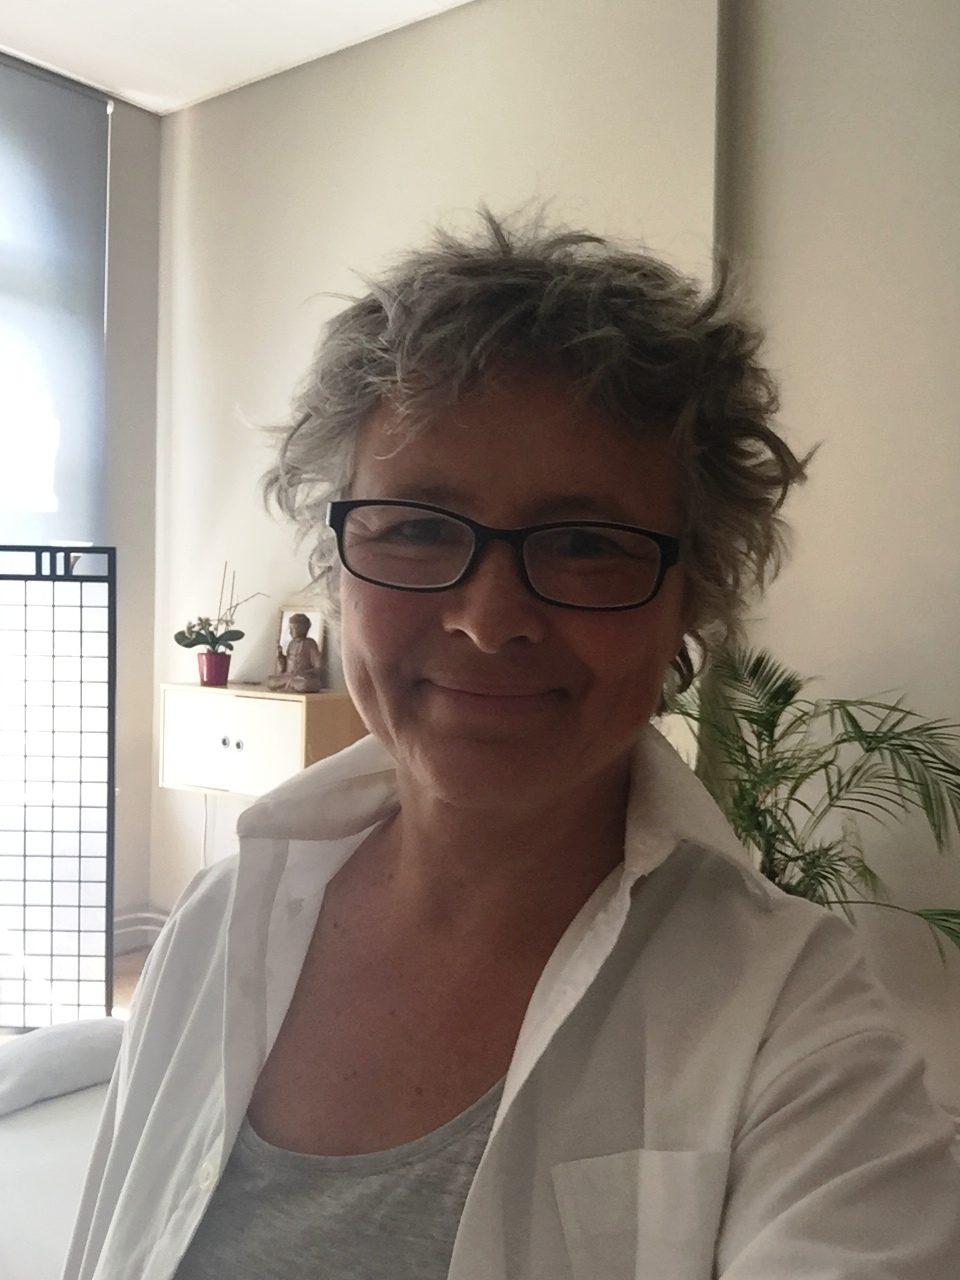 Cordula Quadt Shiatsu Masunaga shiatsutherapie Amsterdamtherapie am